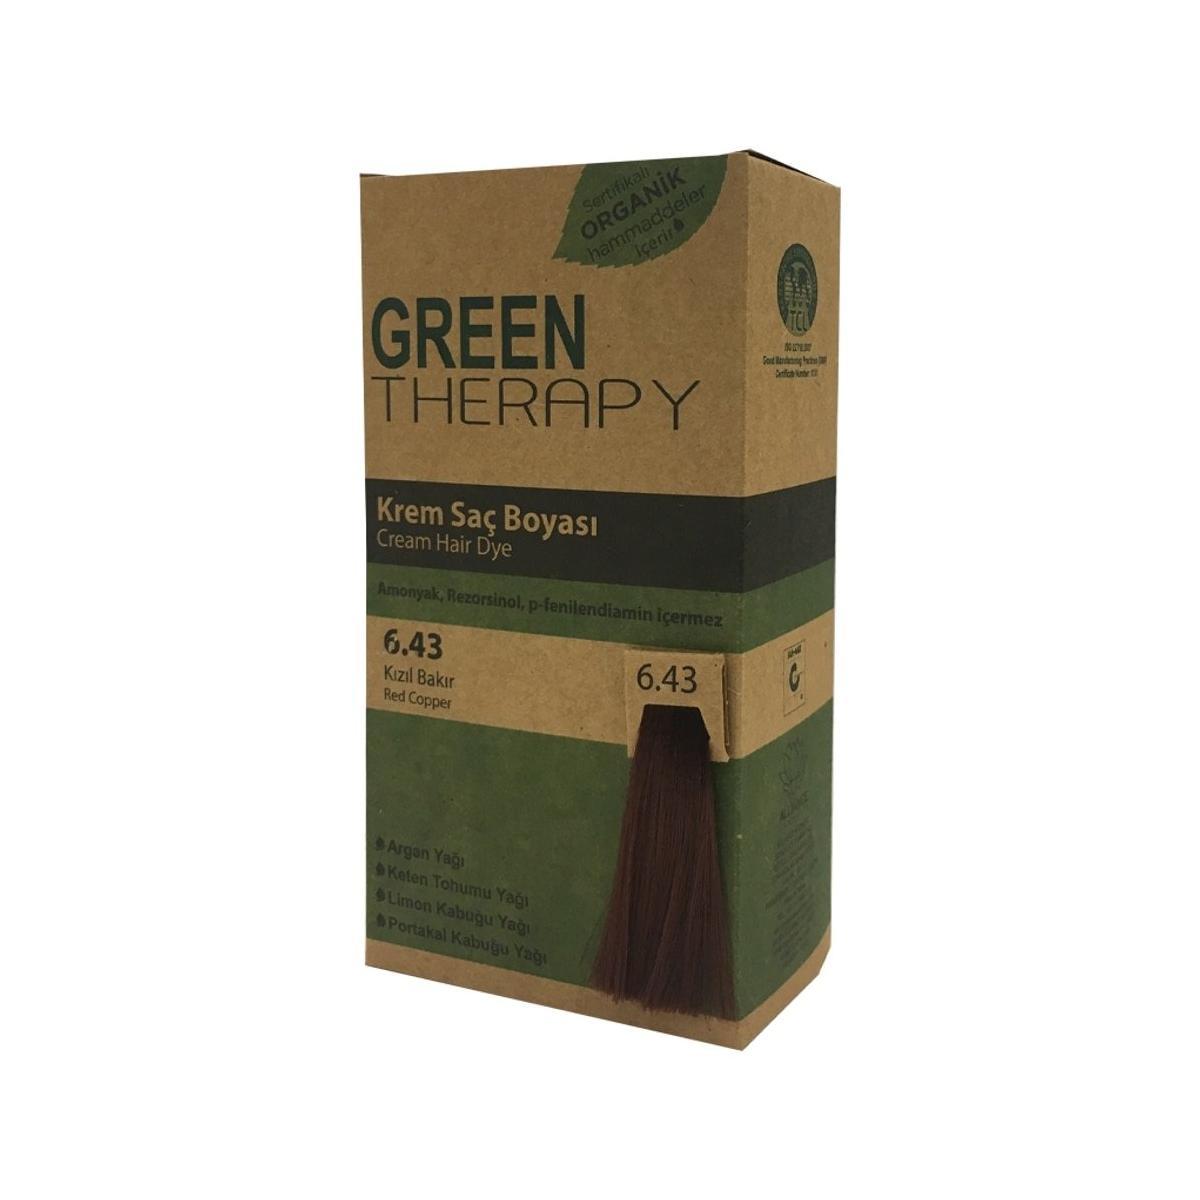 Green Therapy Sac Boyasi Fiyatlari